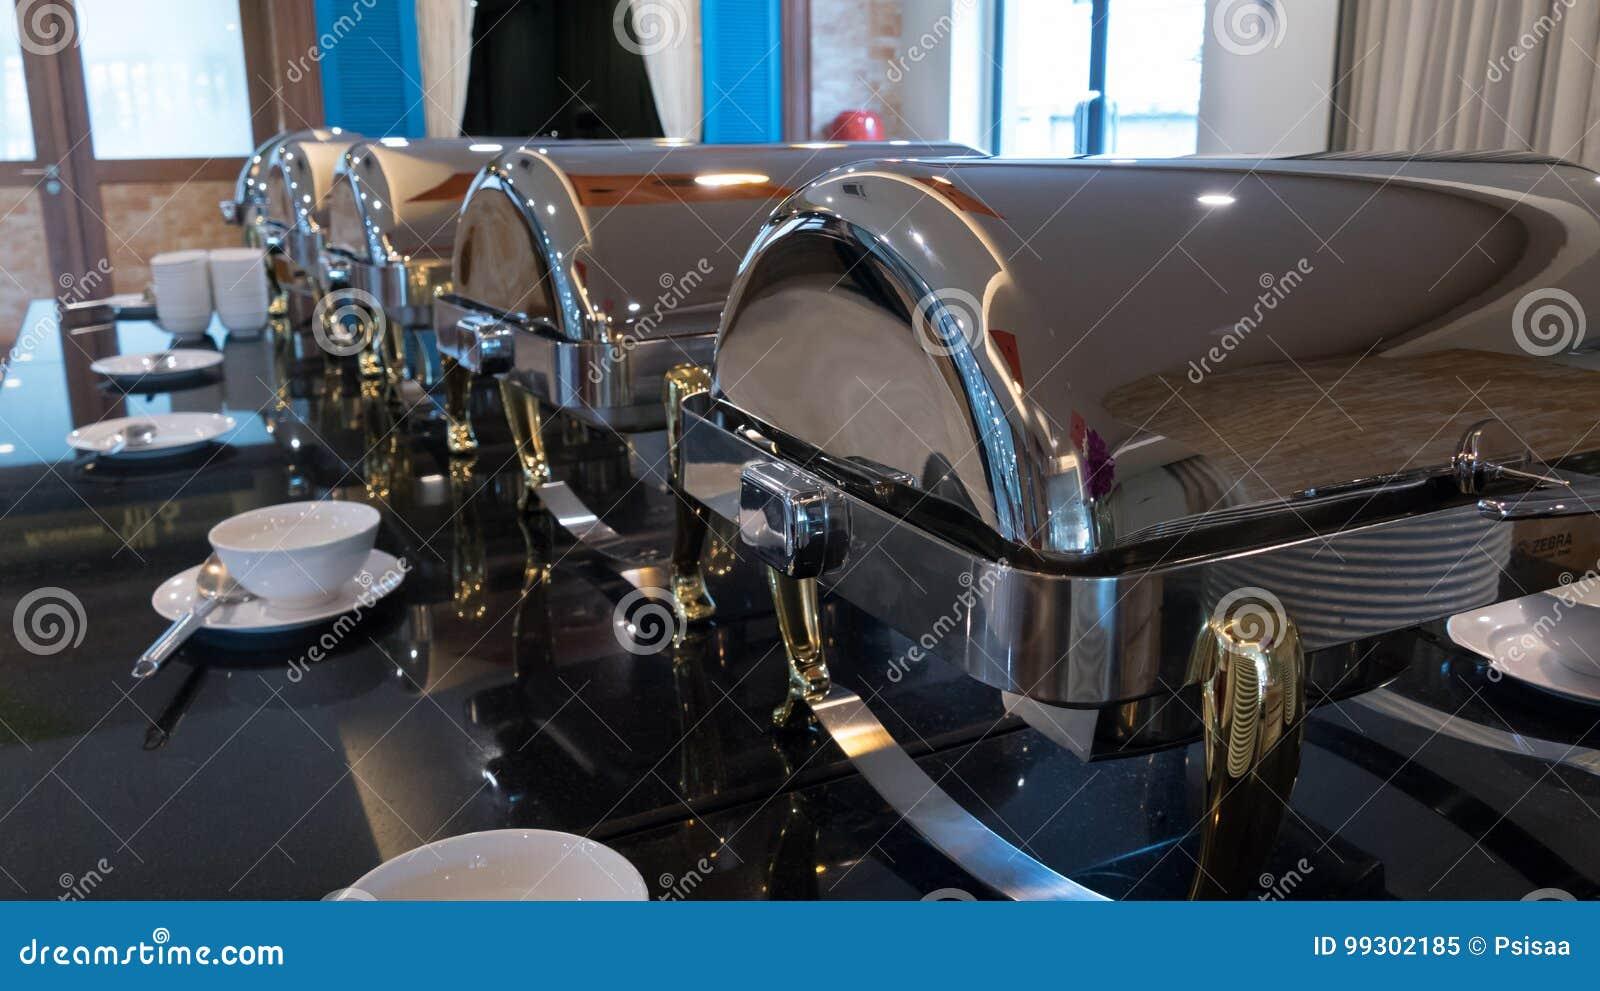 Food buffet catering indoor in luxury restaurant in hotel for we